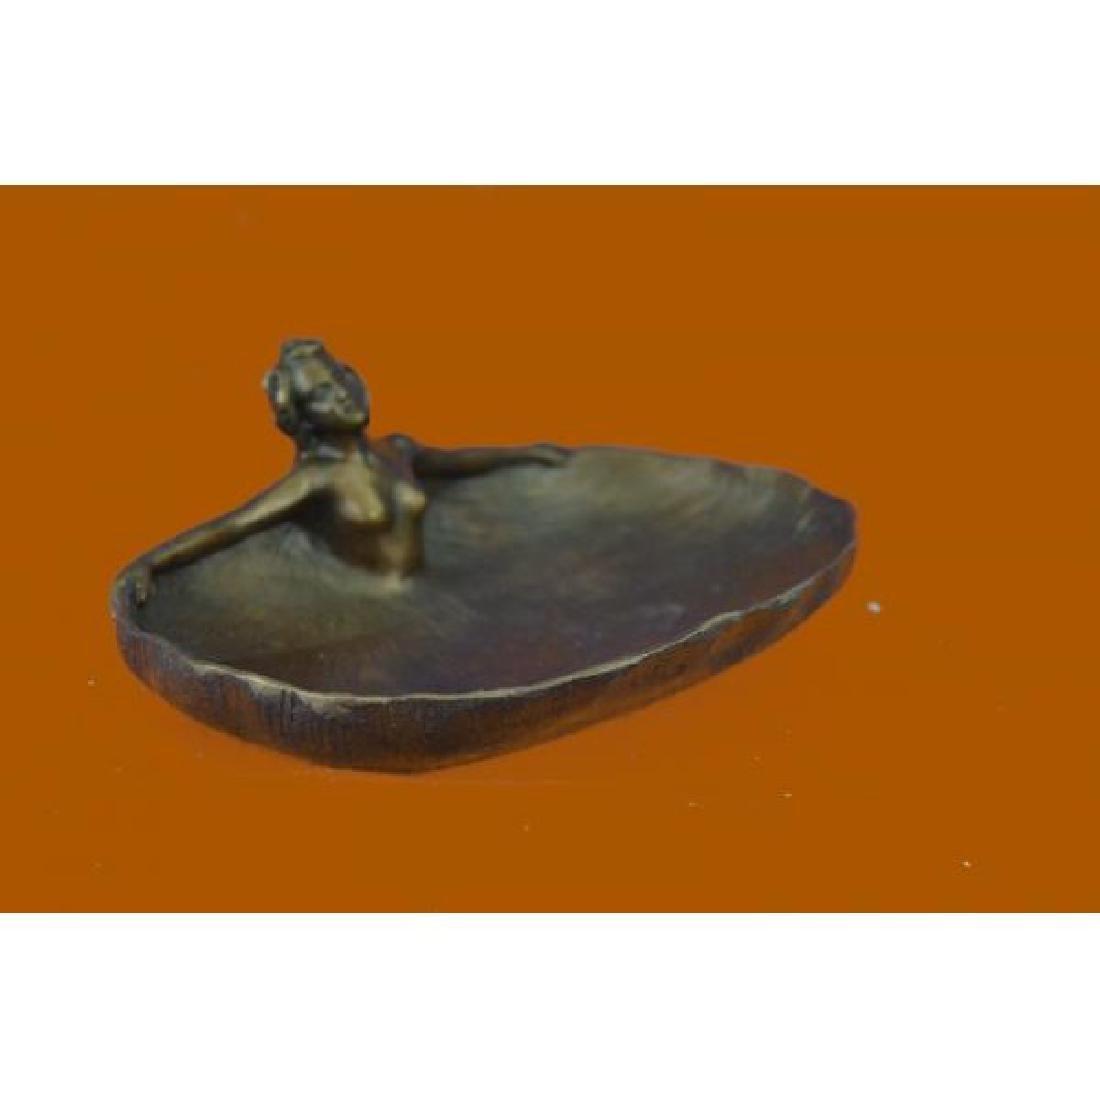 Soaking Dish Tray Nude Female Bronze Statue - 4